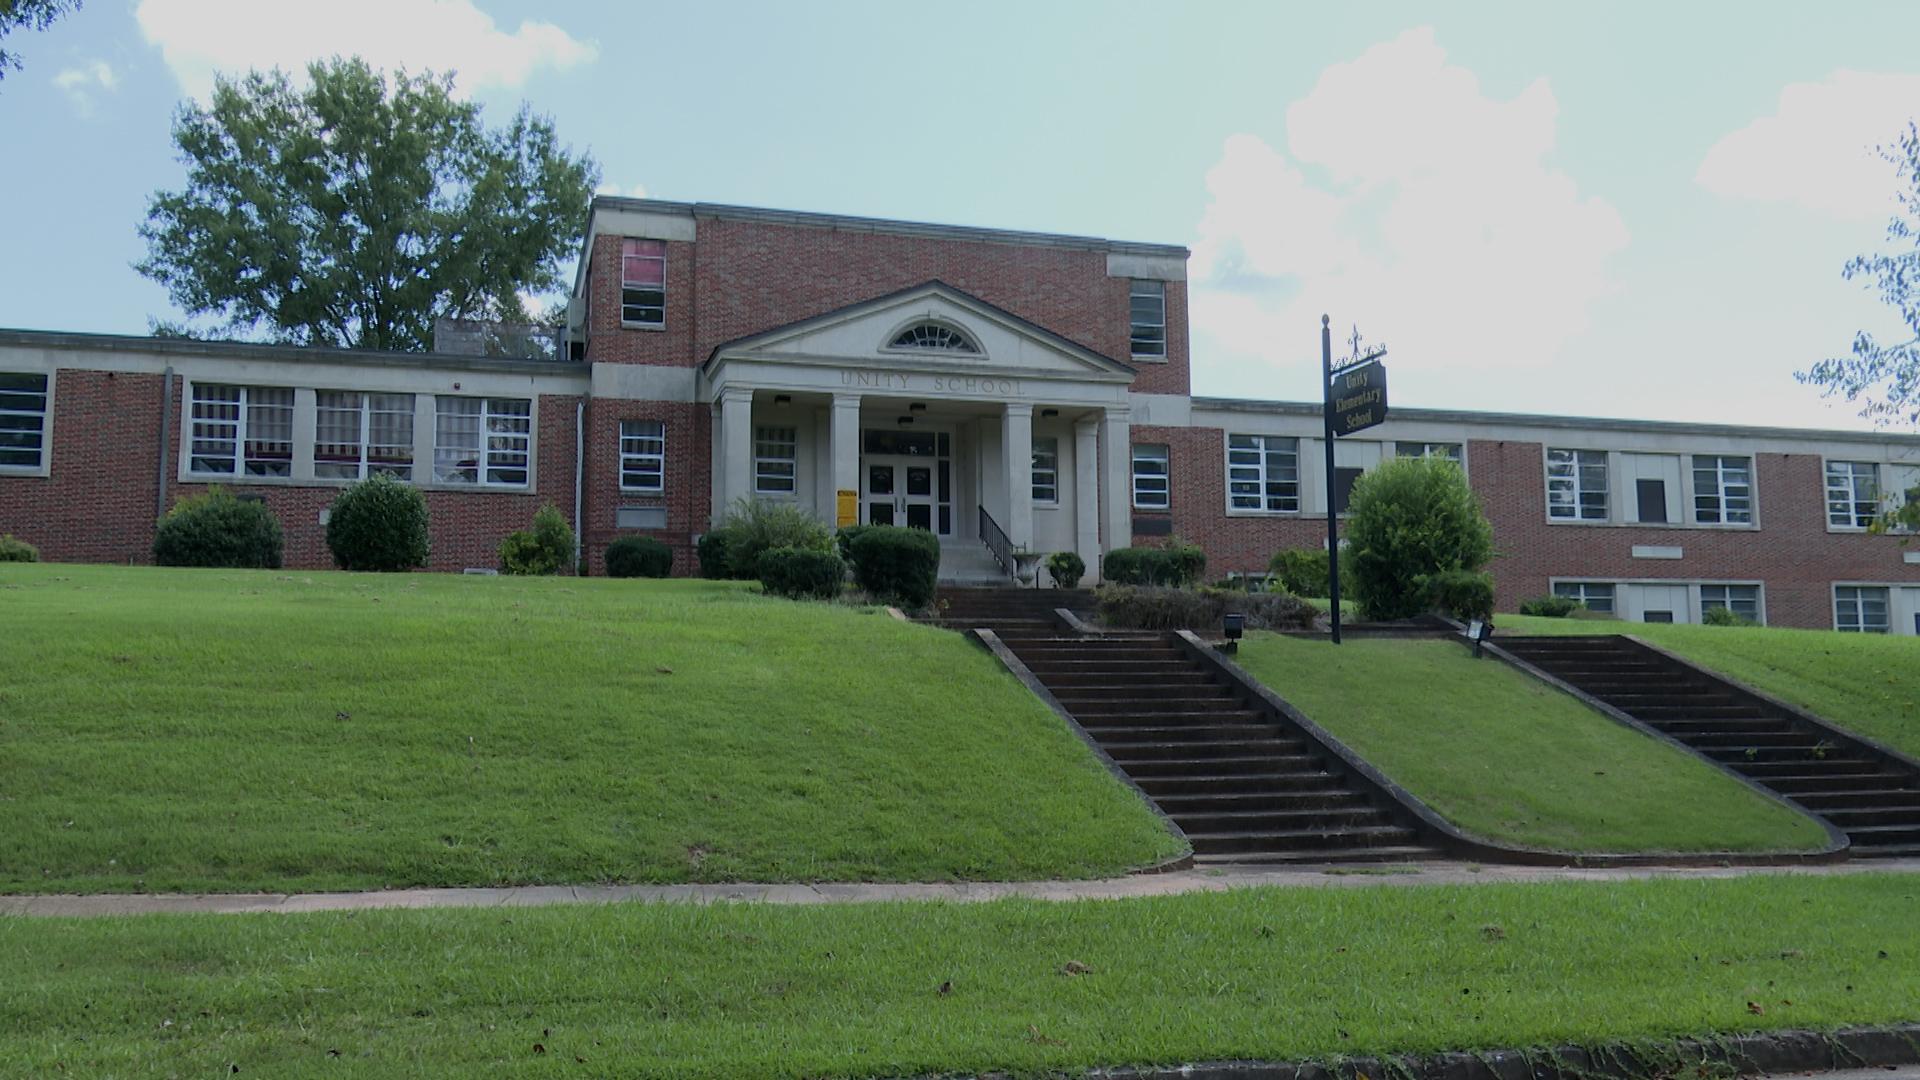 Housing Authority & Unity School